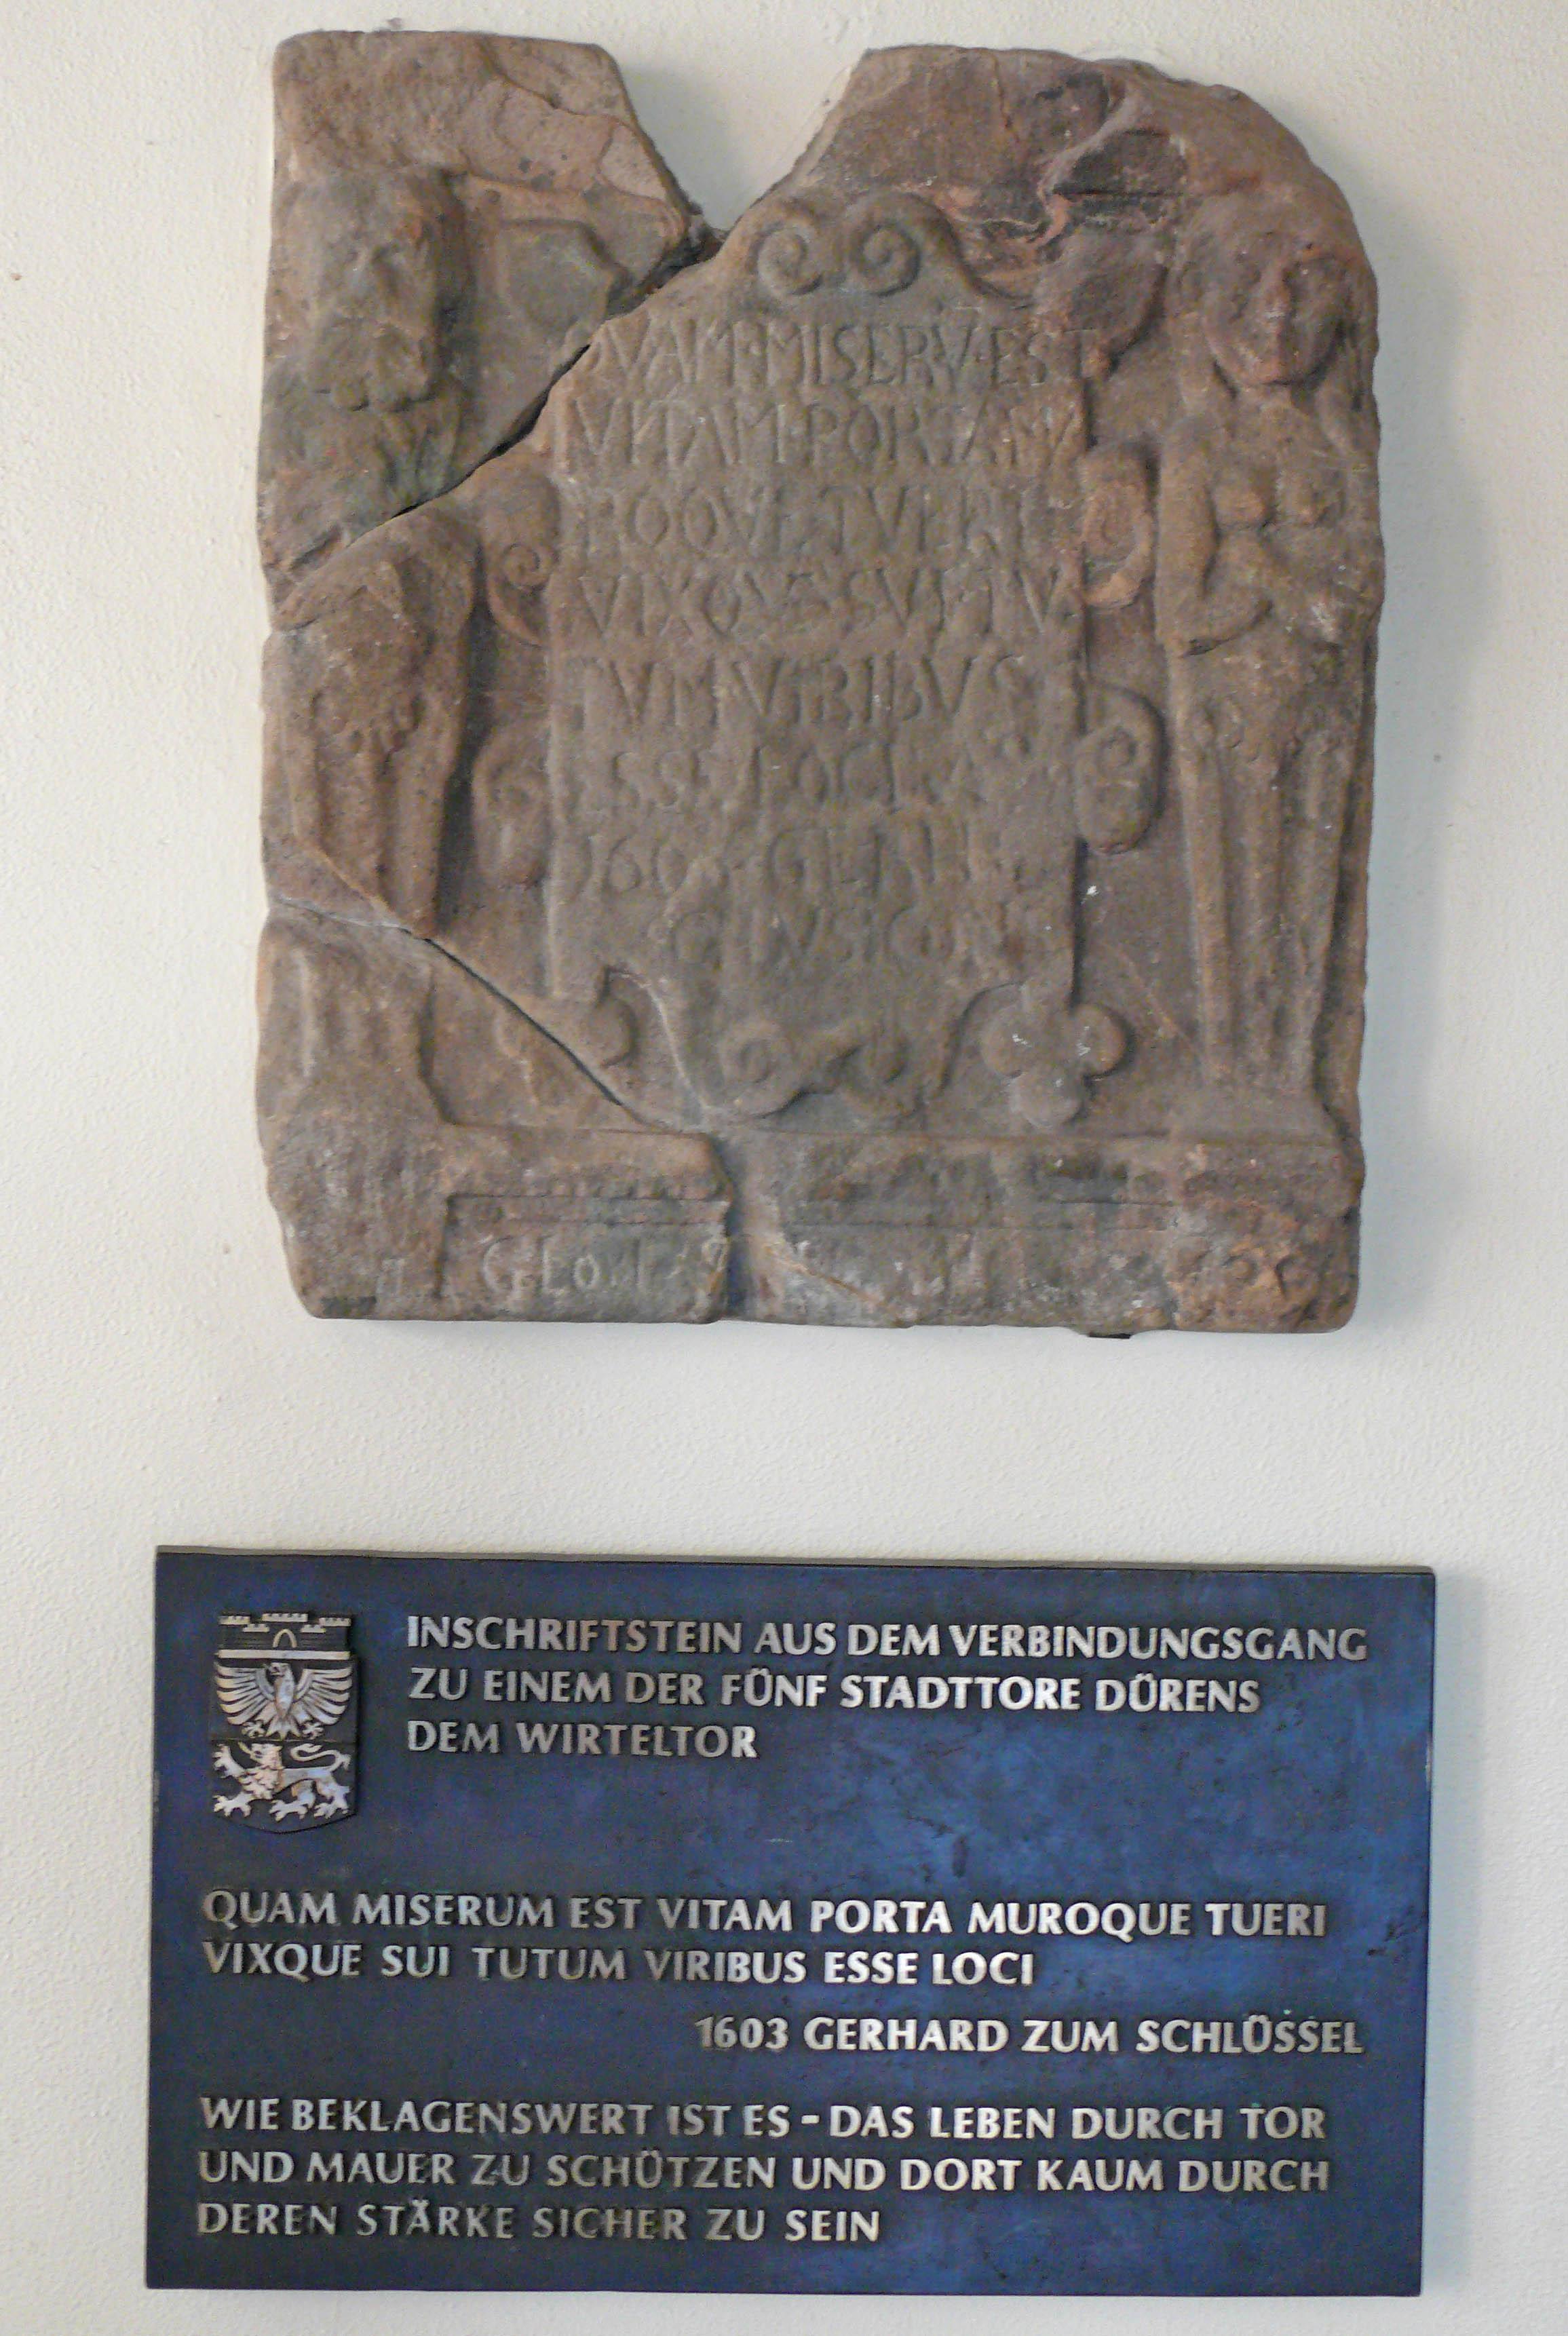 Inschriftstein Wirteltor